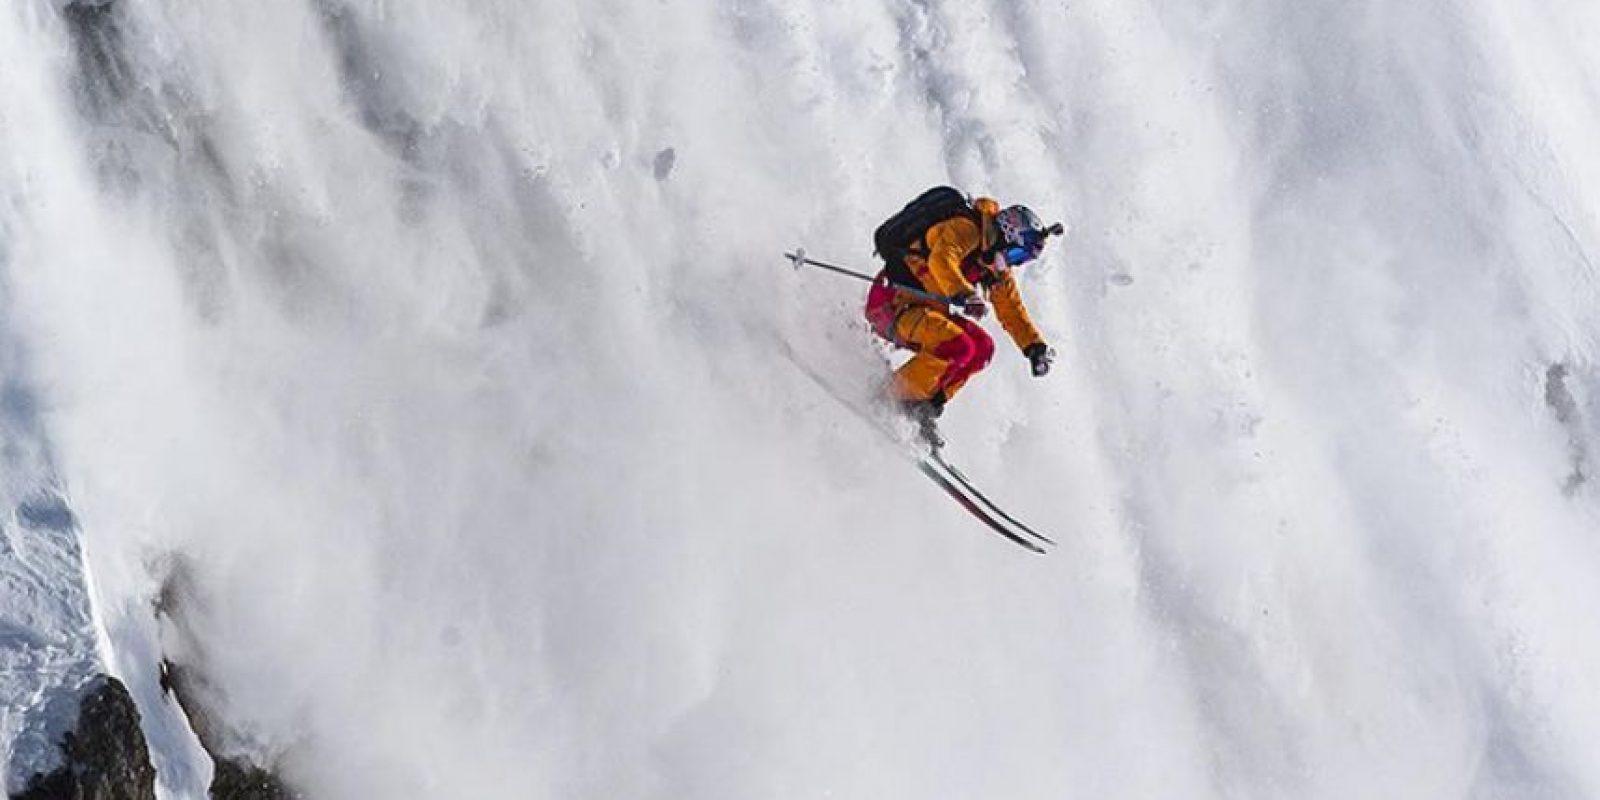 La campeona mundial sueca fue aplastada por una avalancha en la Cordillera de Los Andes, en Chile Foto:Vía instagram.com/matildarapaport